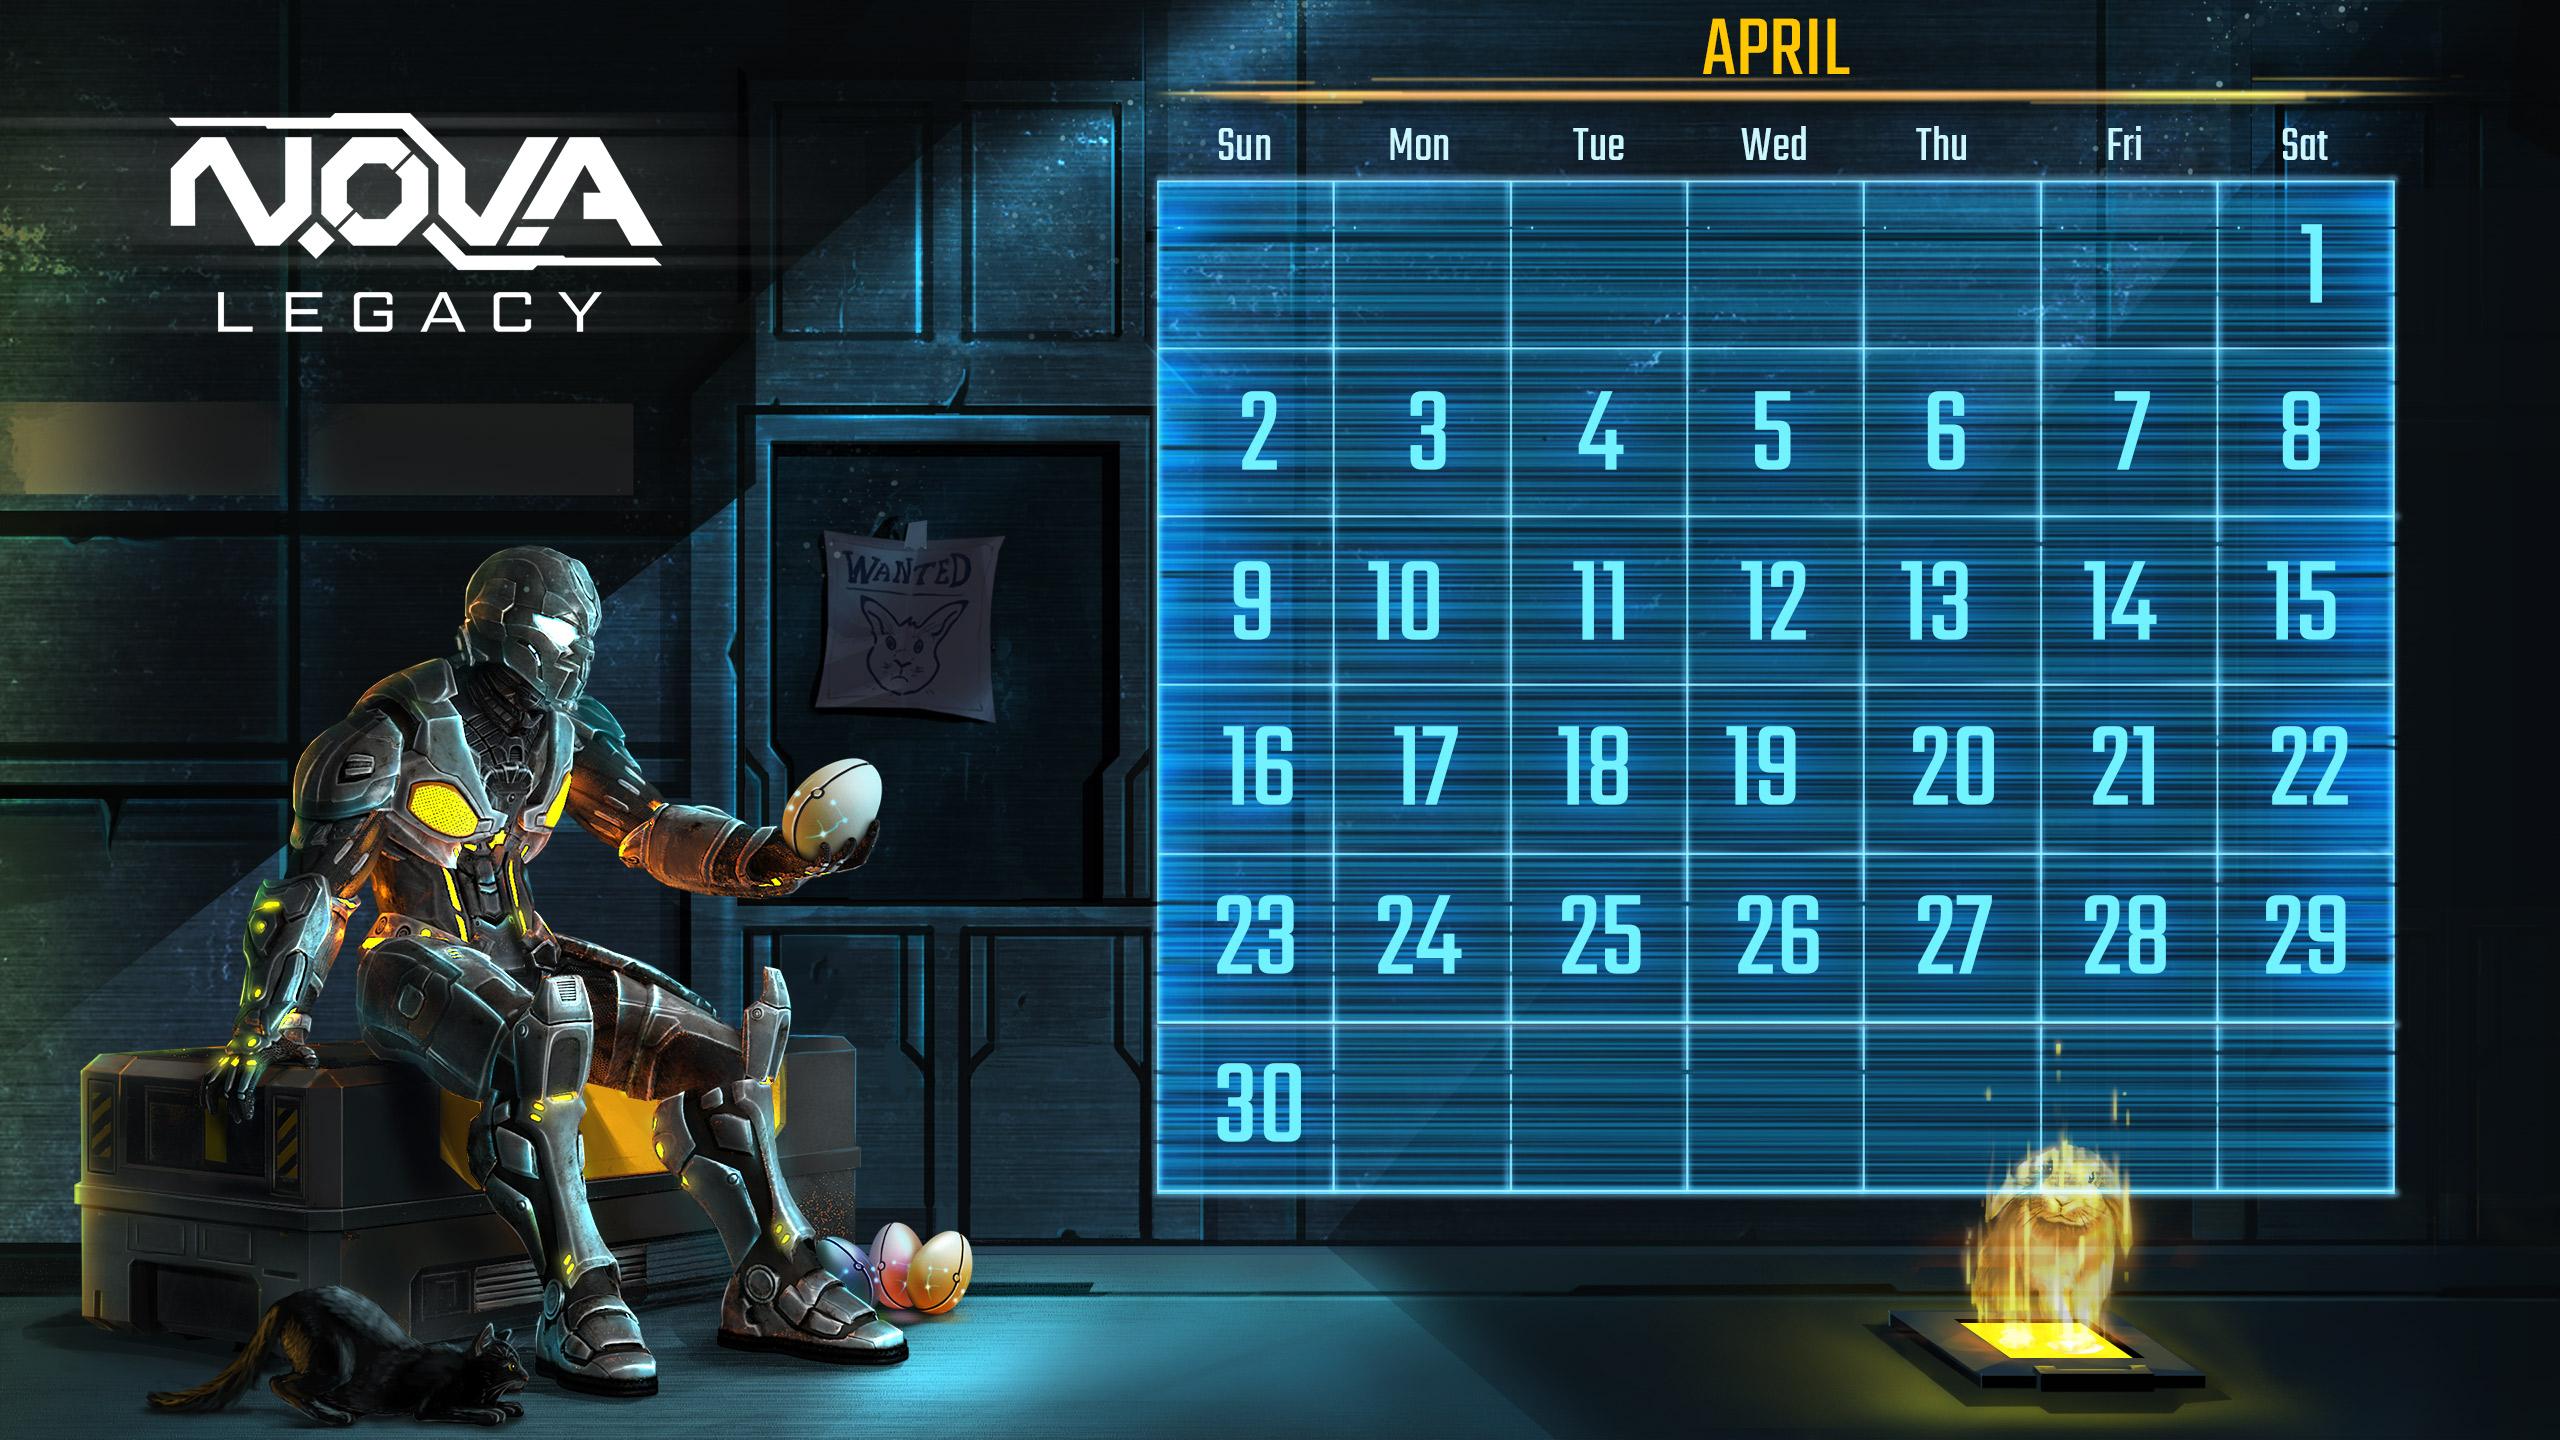 Download N O V A  Legacy's April Calendar | Gameloft Central